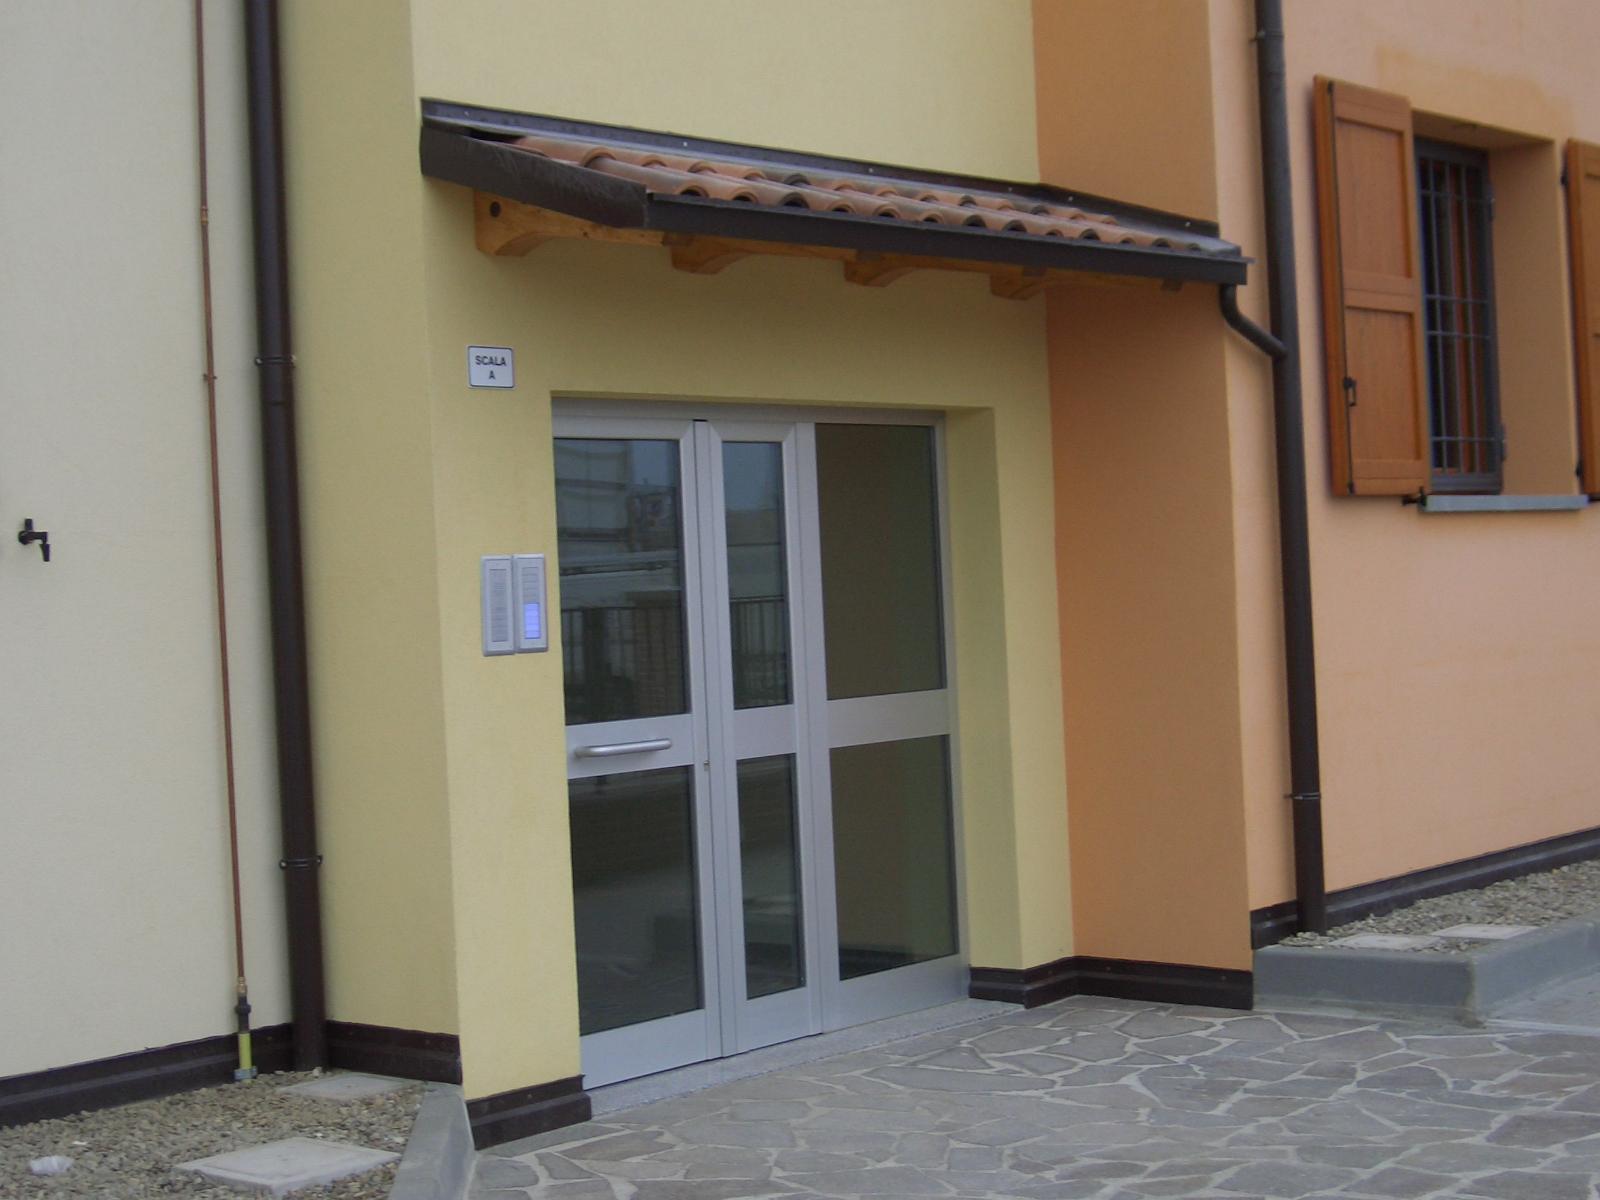 Copri porta e finestra con travetti monobraccio for Porta e finestra insieme